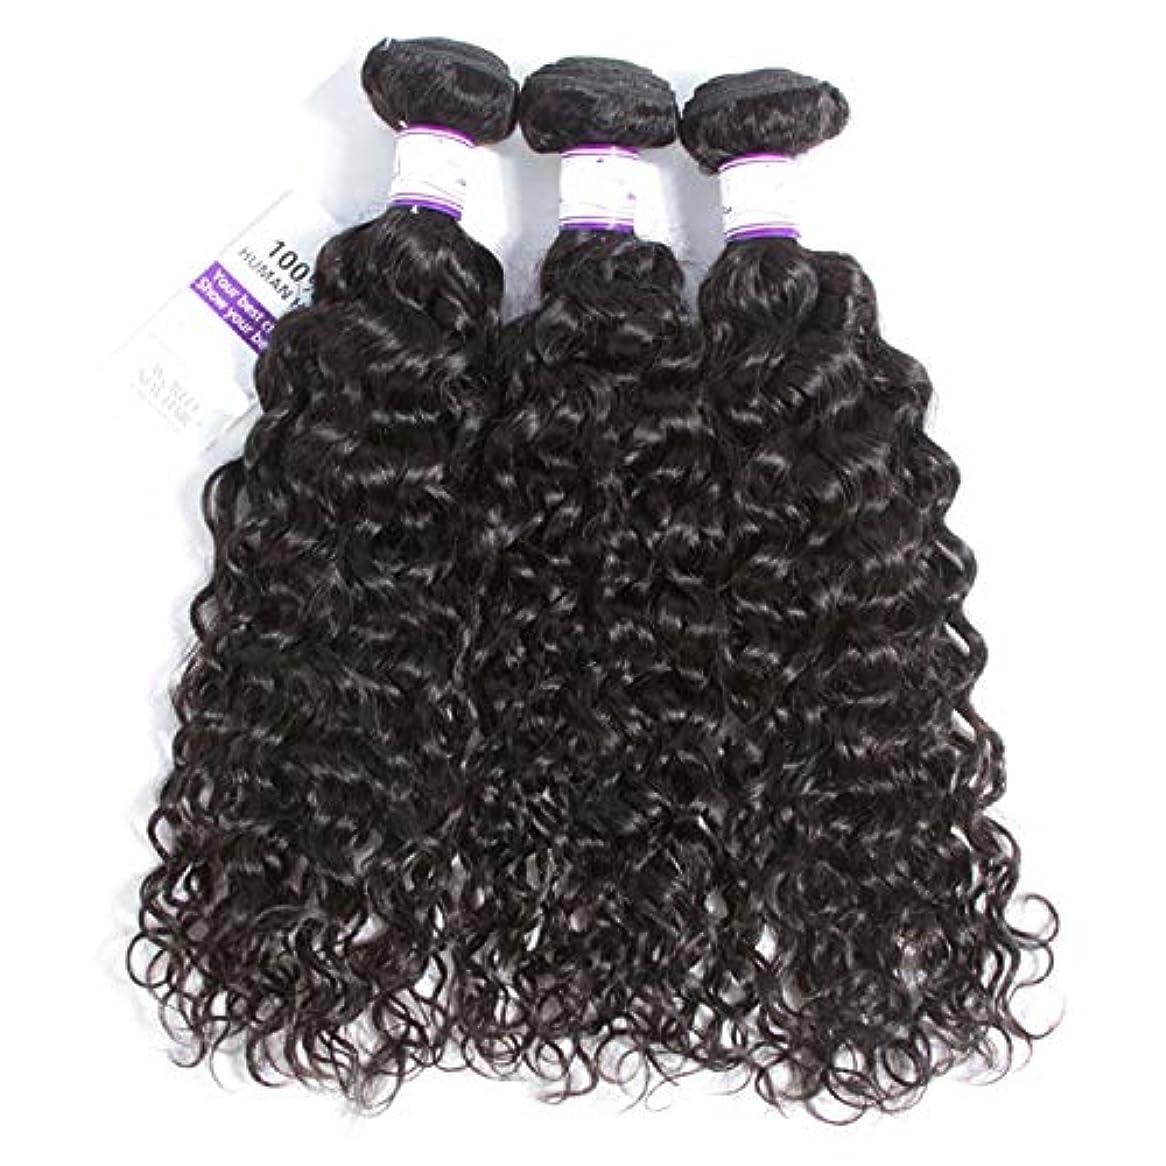 拒絶遊具コンプリートかつら マレーシアの水の波の髪3個ナチュラルブラック人間の髪の毛の束非レミーの毛延長8-28インチ (Length : 12 14 14)